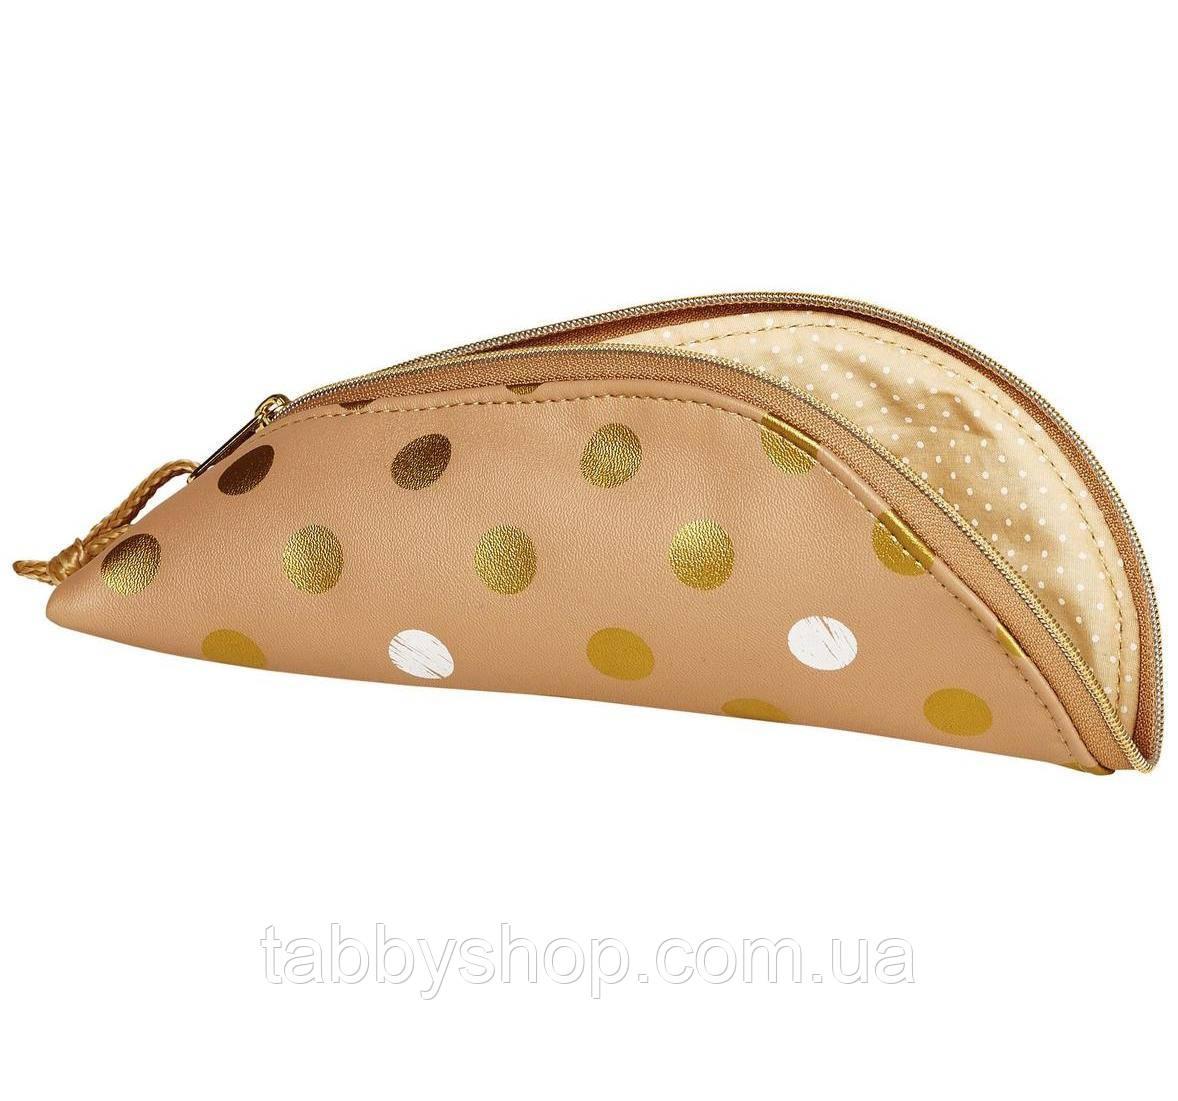 Пенал-косметичка Herlitz Cocoon Pure Glam